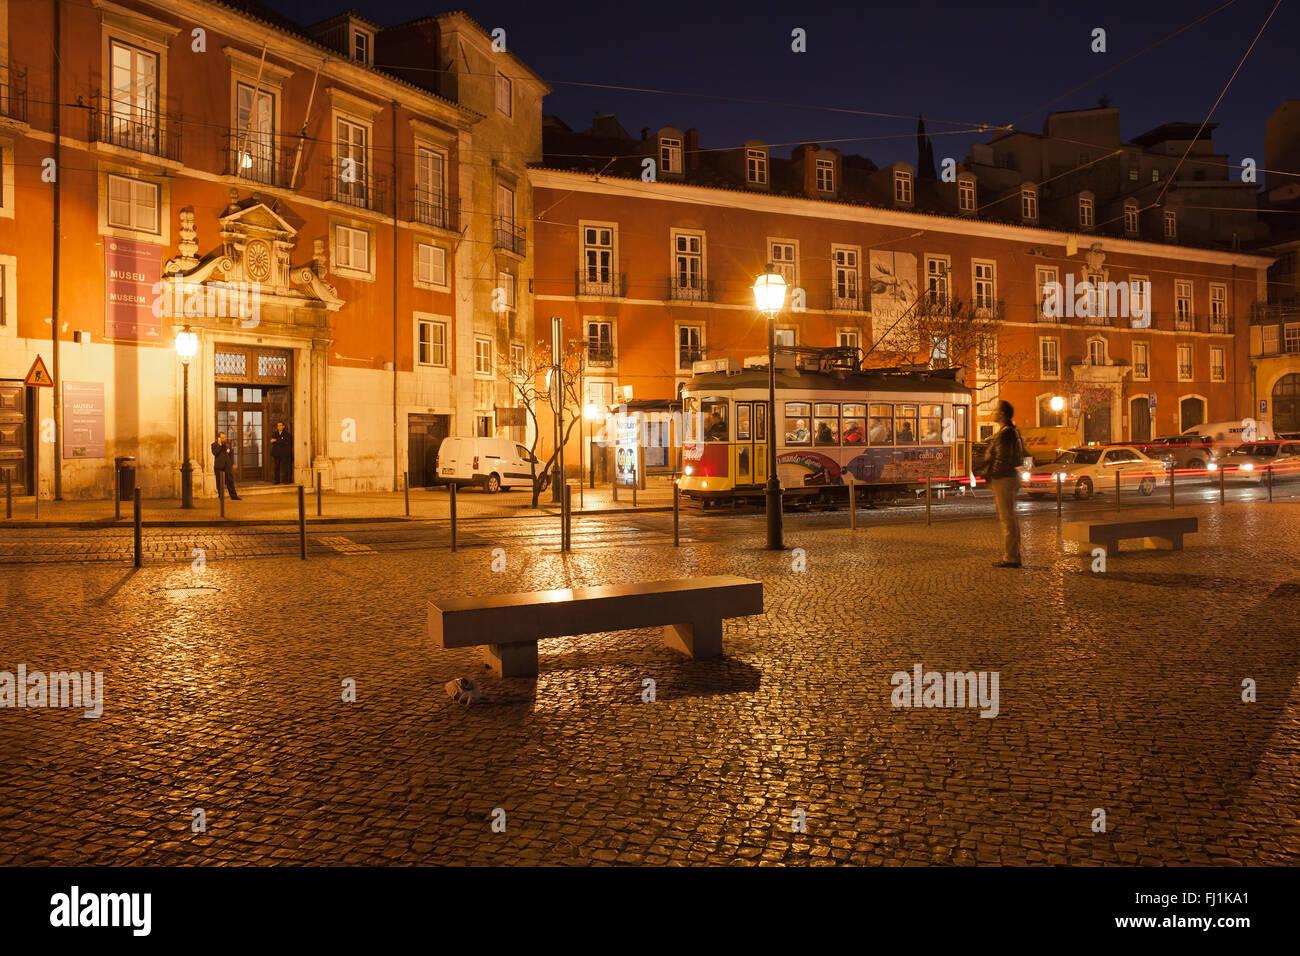 Il Portogallo, città di Lisbona di notte, il Museo di Arti Decorative, quadrato e tram a Portas do Sol street Immagini Stock